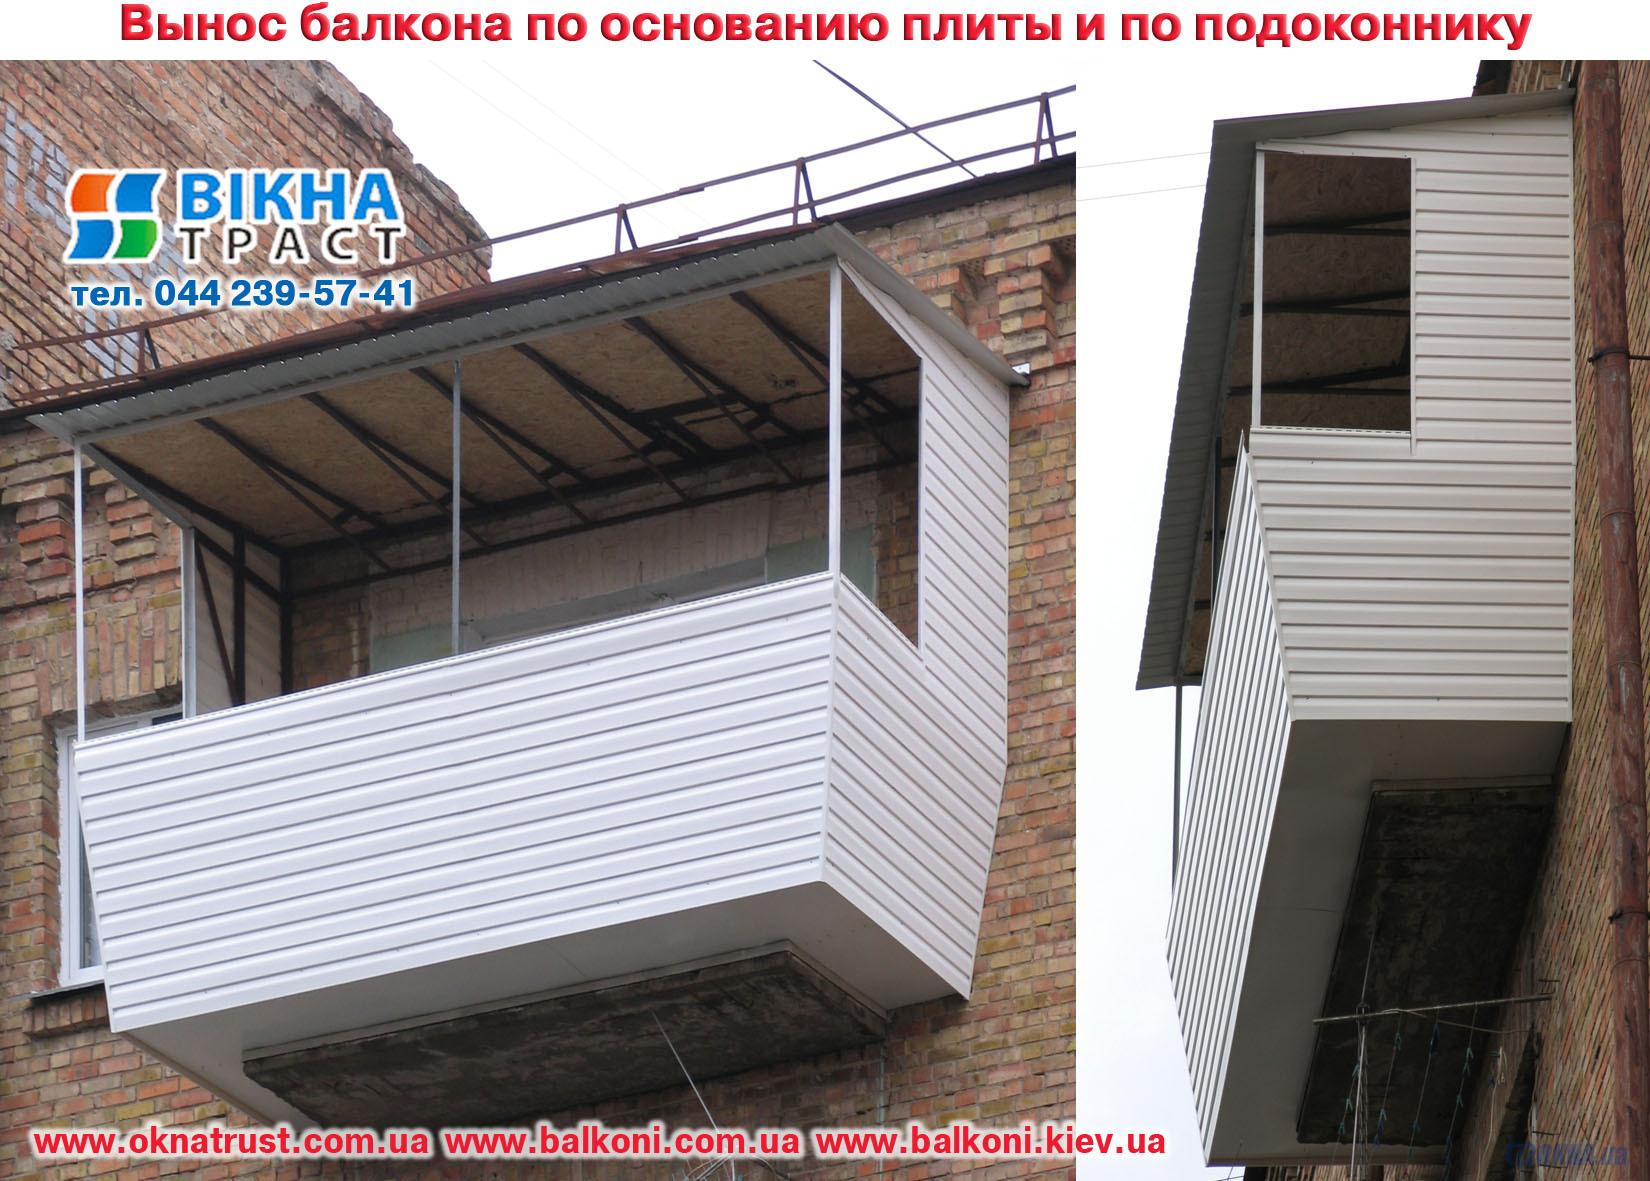 Залить козырек балкона в кубинке.